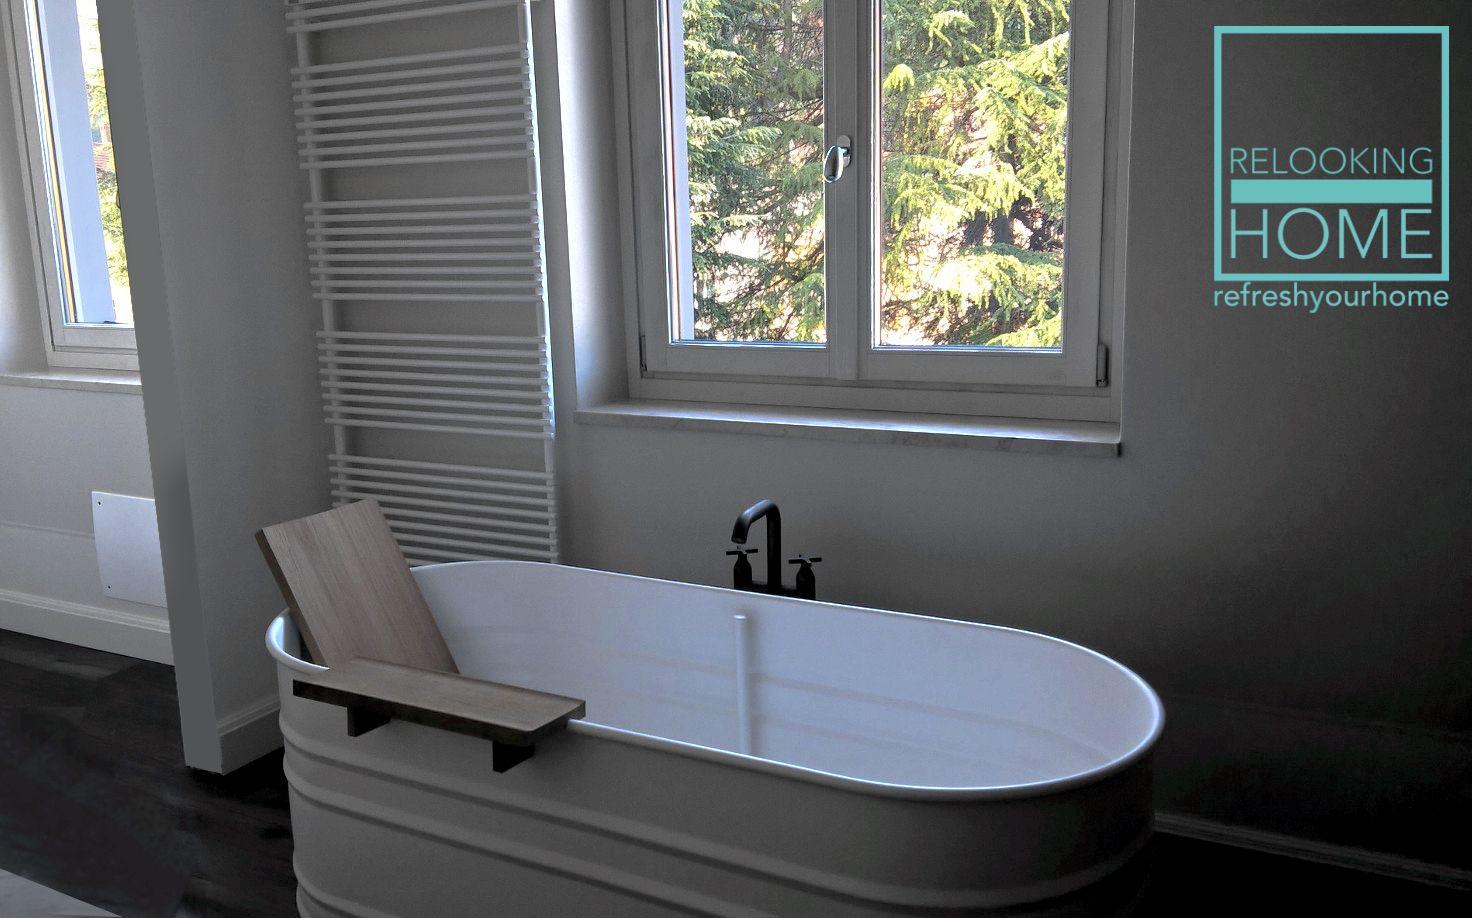 Vasche Da Bagno D Epoca : Alloggio depoca: vasca da bagno nella sua modernità in sintonia